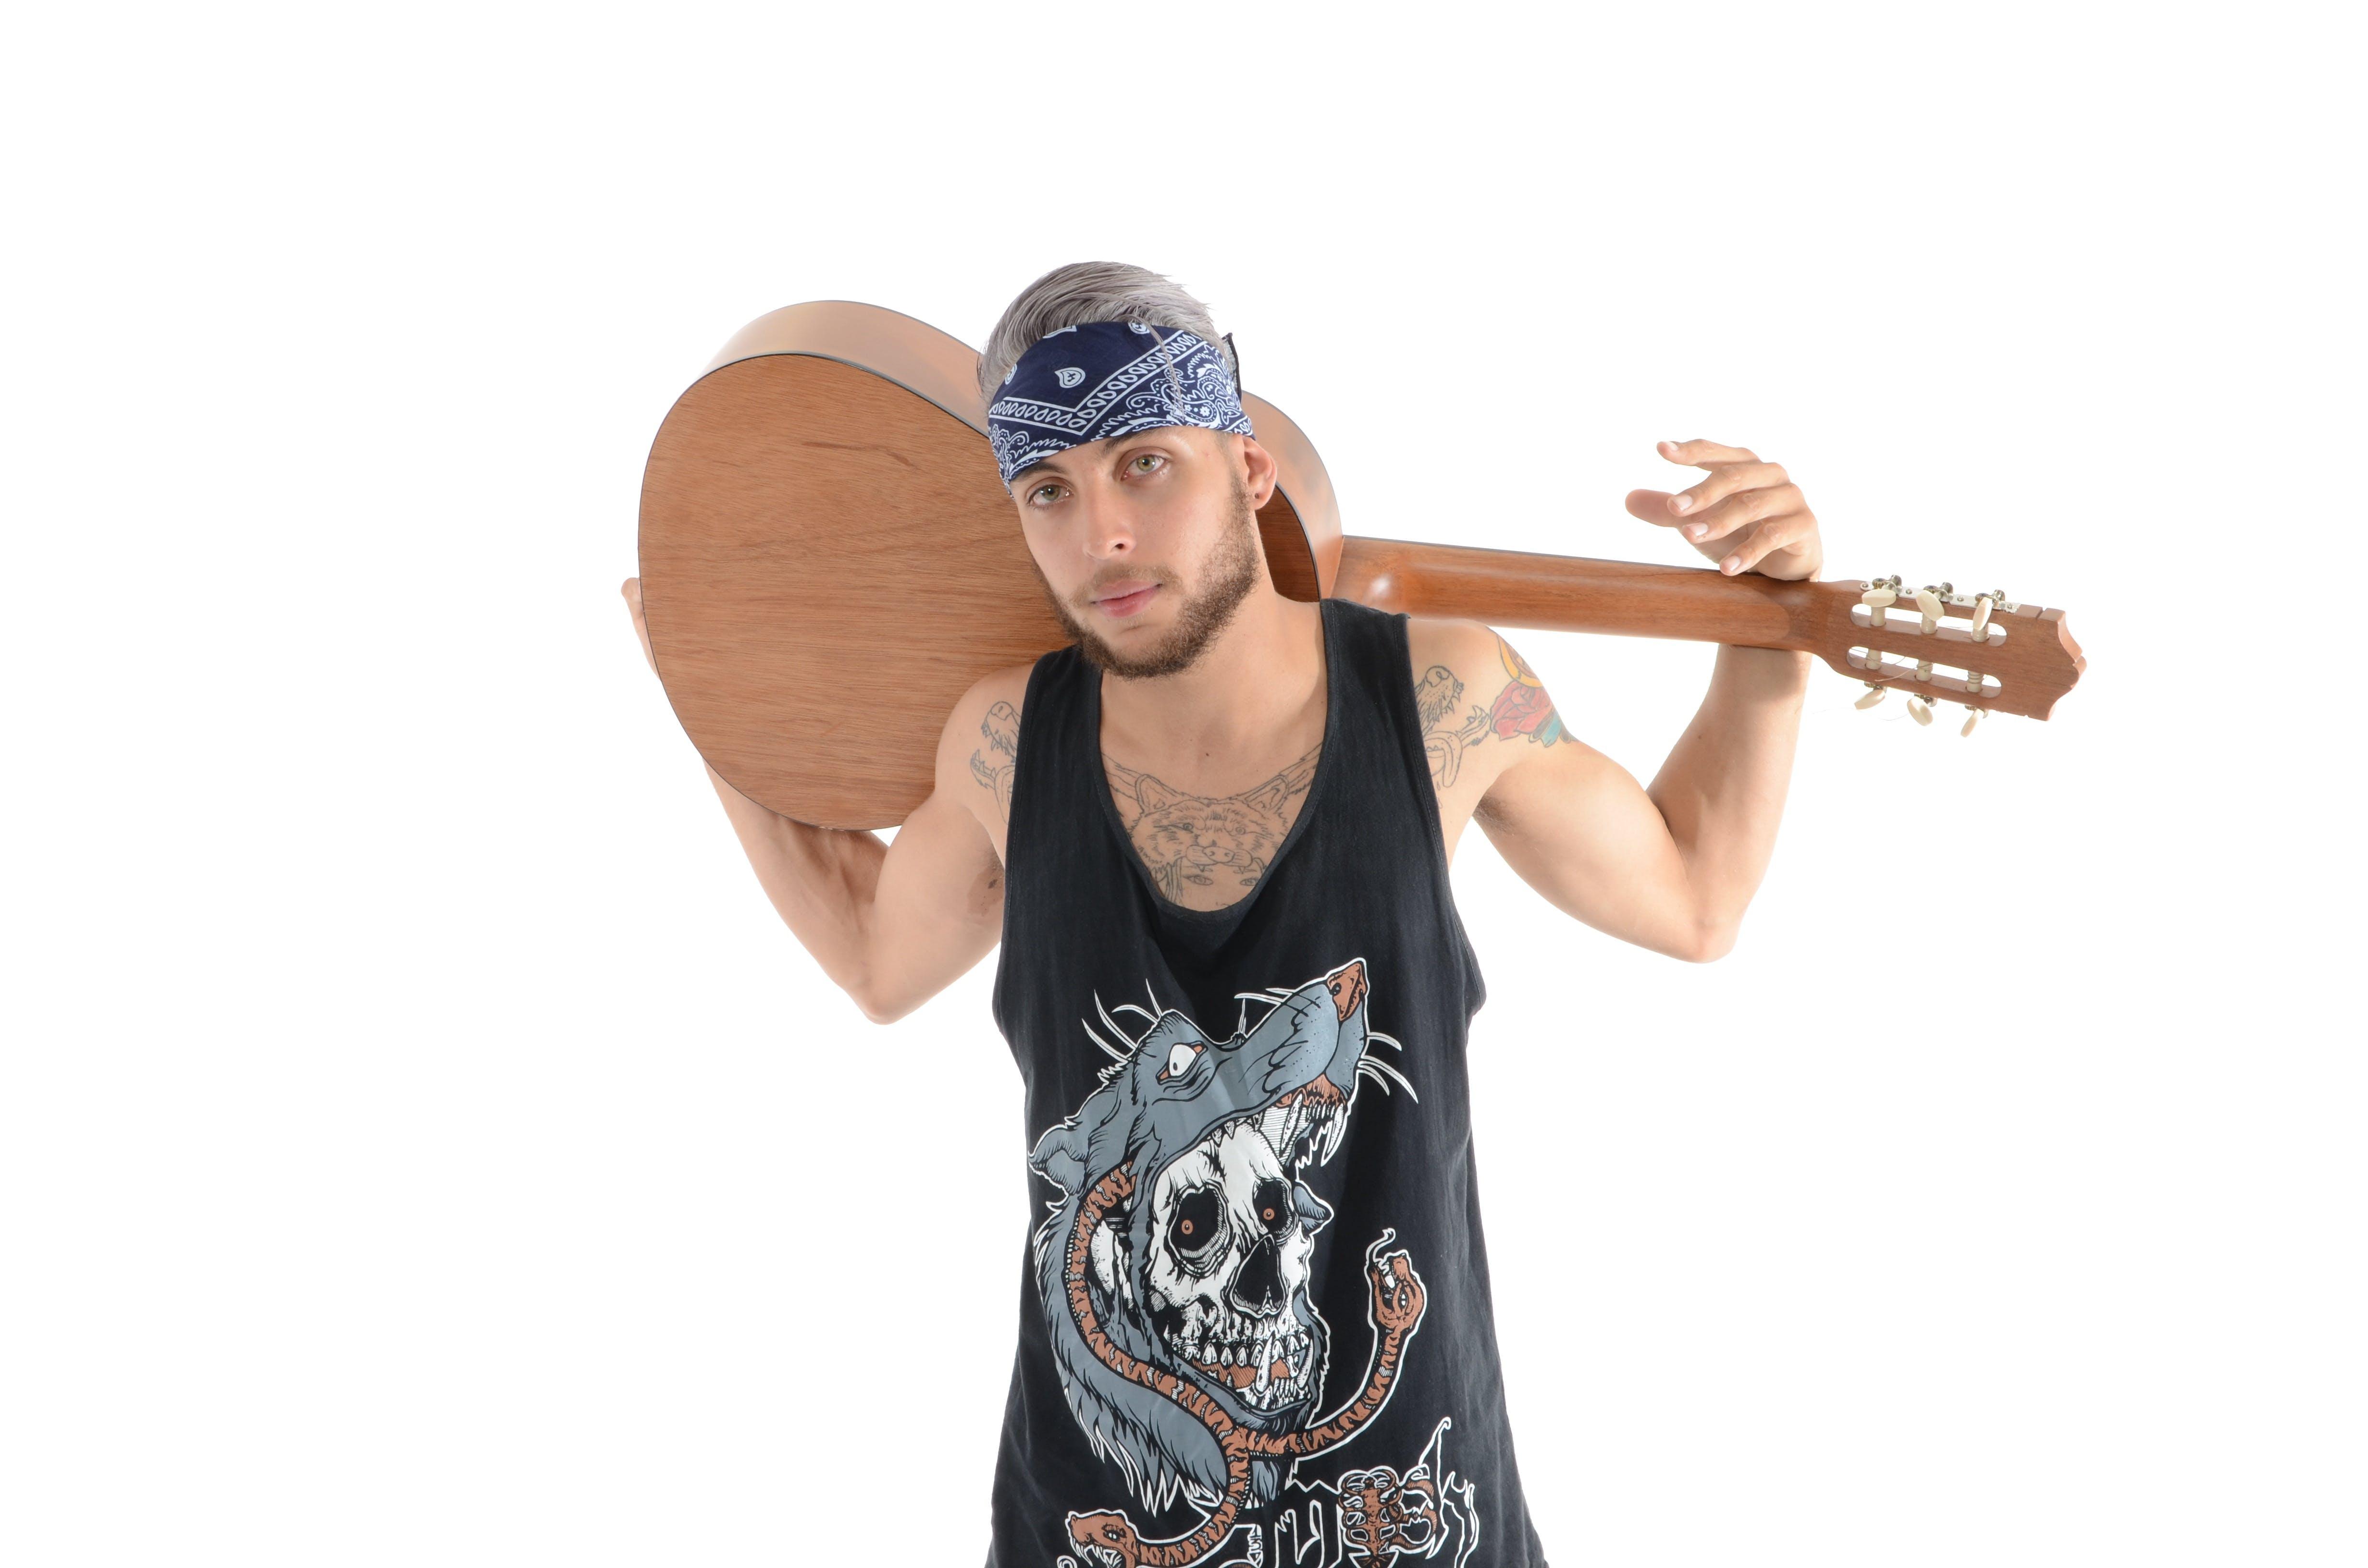 Gratis lagerfoto af Dreng, guitar, guitarist, mode